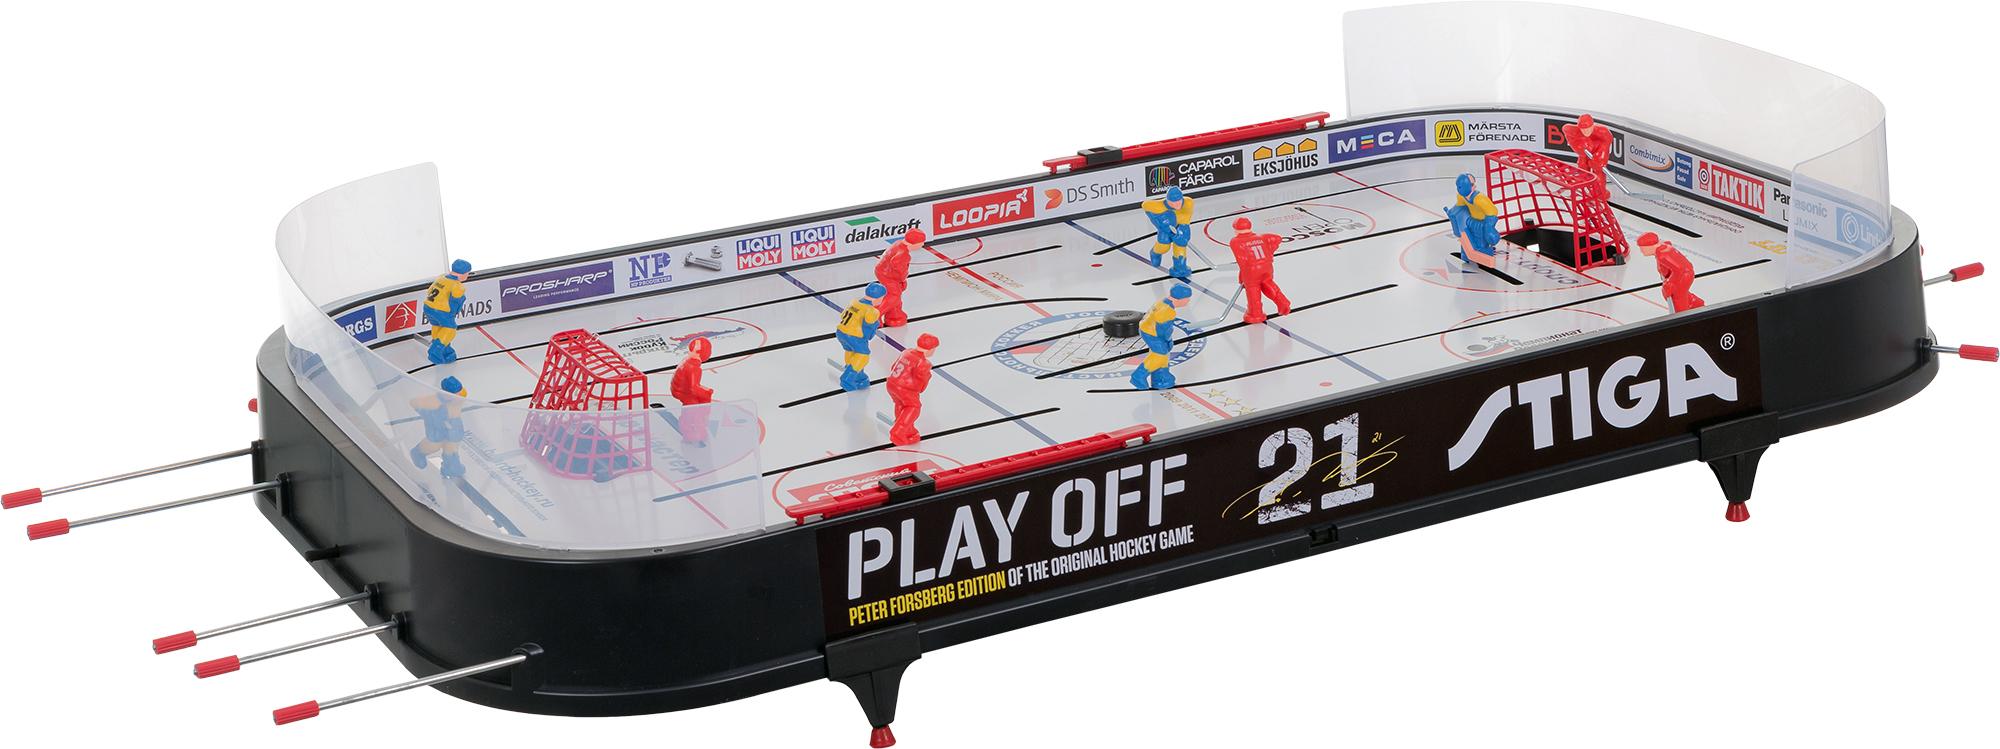 купить Stiga Настольный хоккей Stiga Play Off 21 дешево